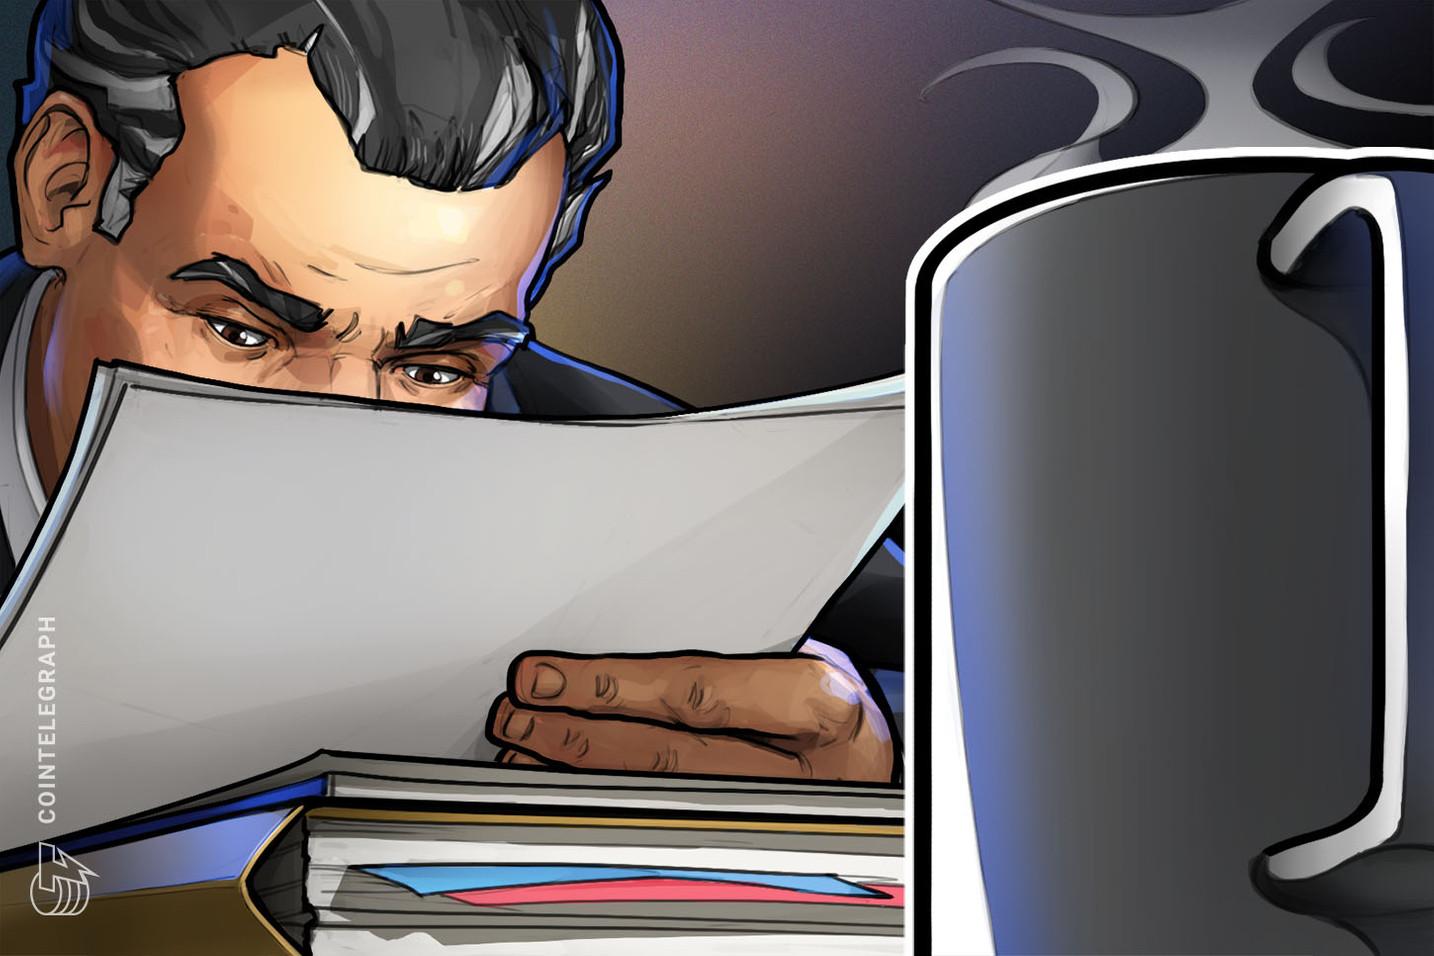 El Departamento de Justicia de EE.UU. ordena a Intuit vender Credit Karma para evitar la formación de un monopolio